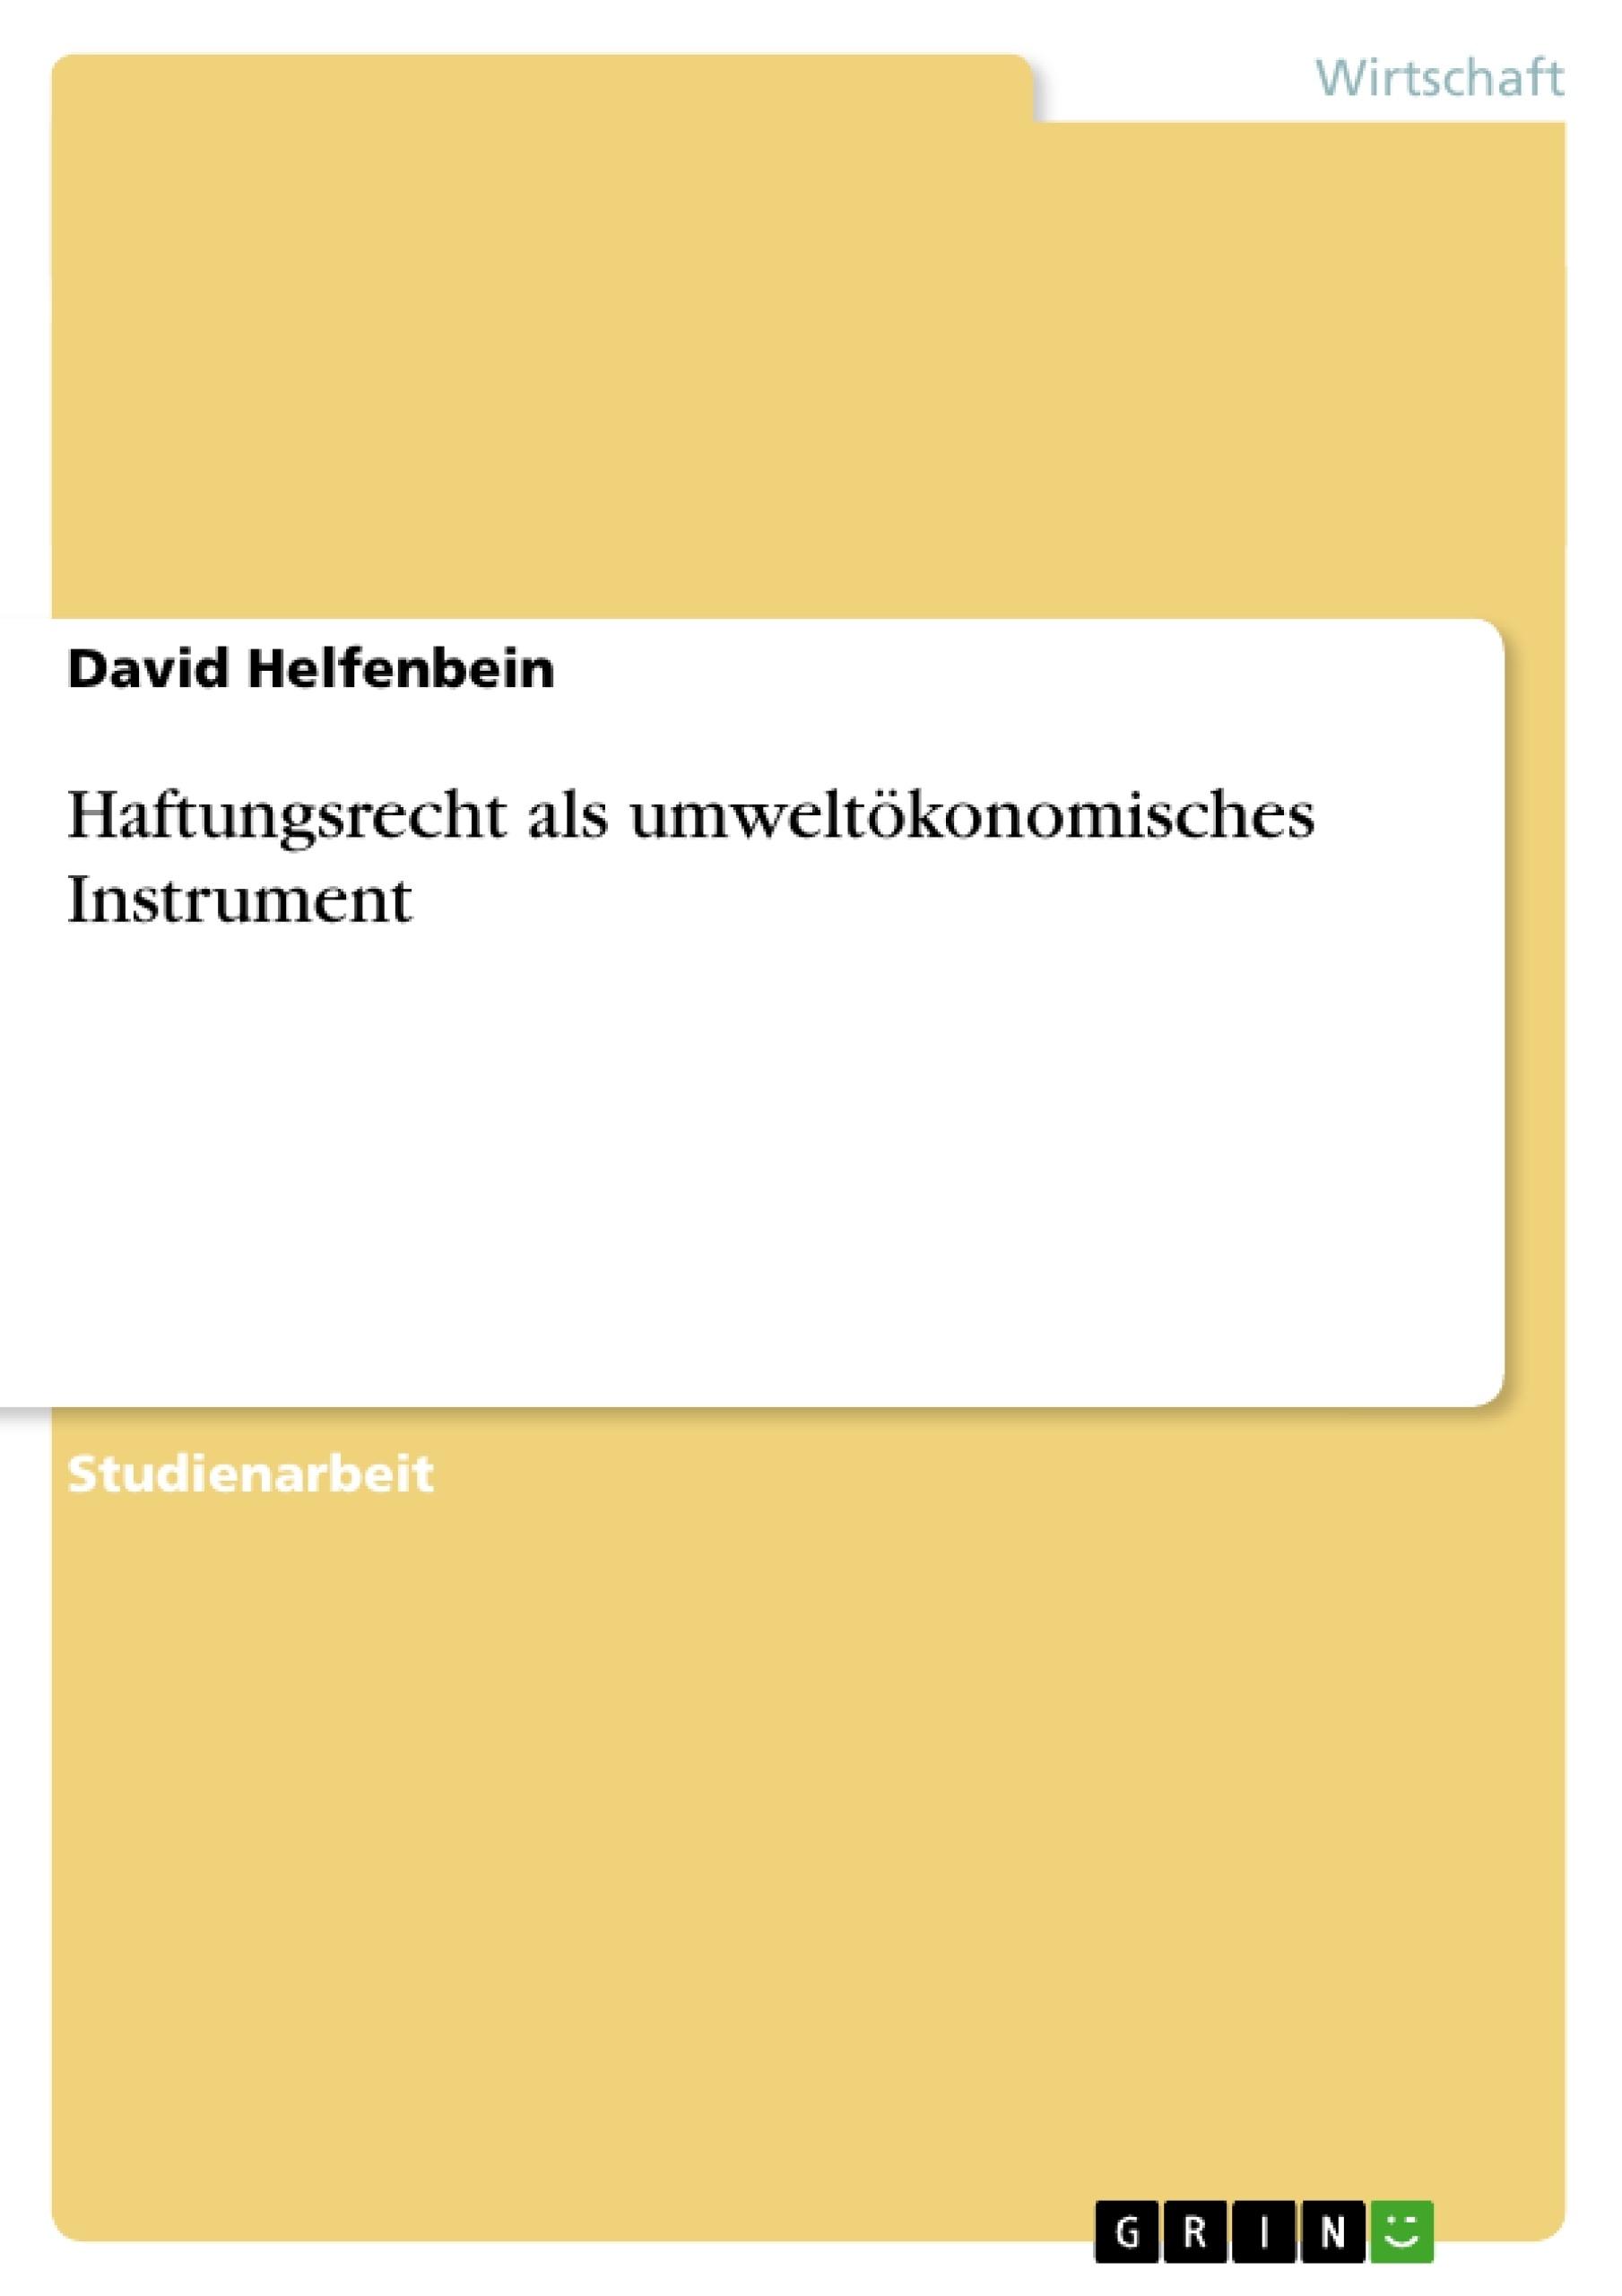 Titel: Haftungsrecht als umweltökonomisches Instrument